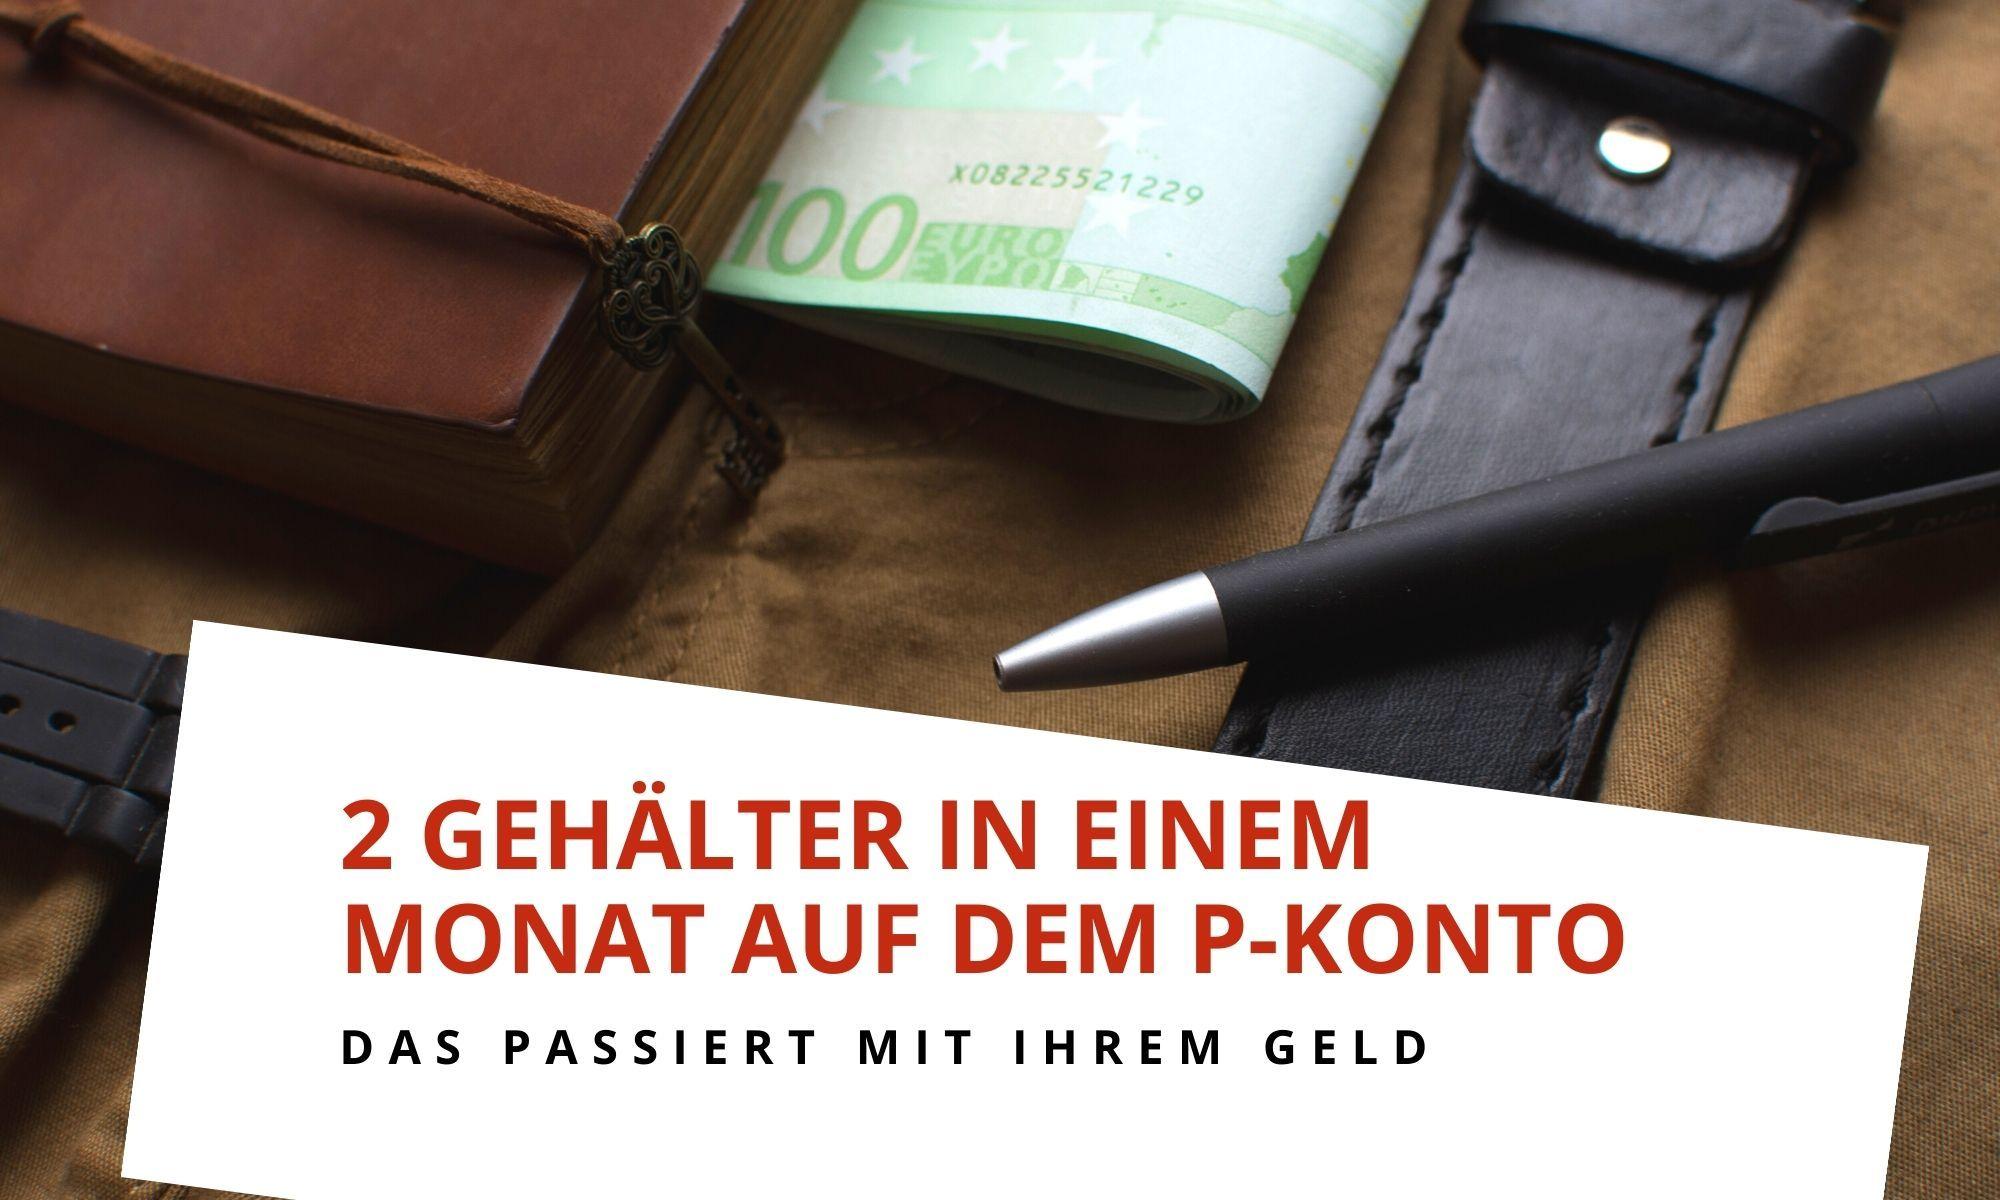 P-Konto - 2 Gehälter in einem Monat